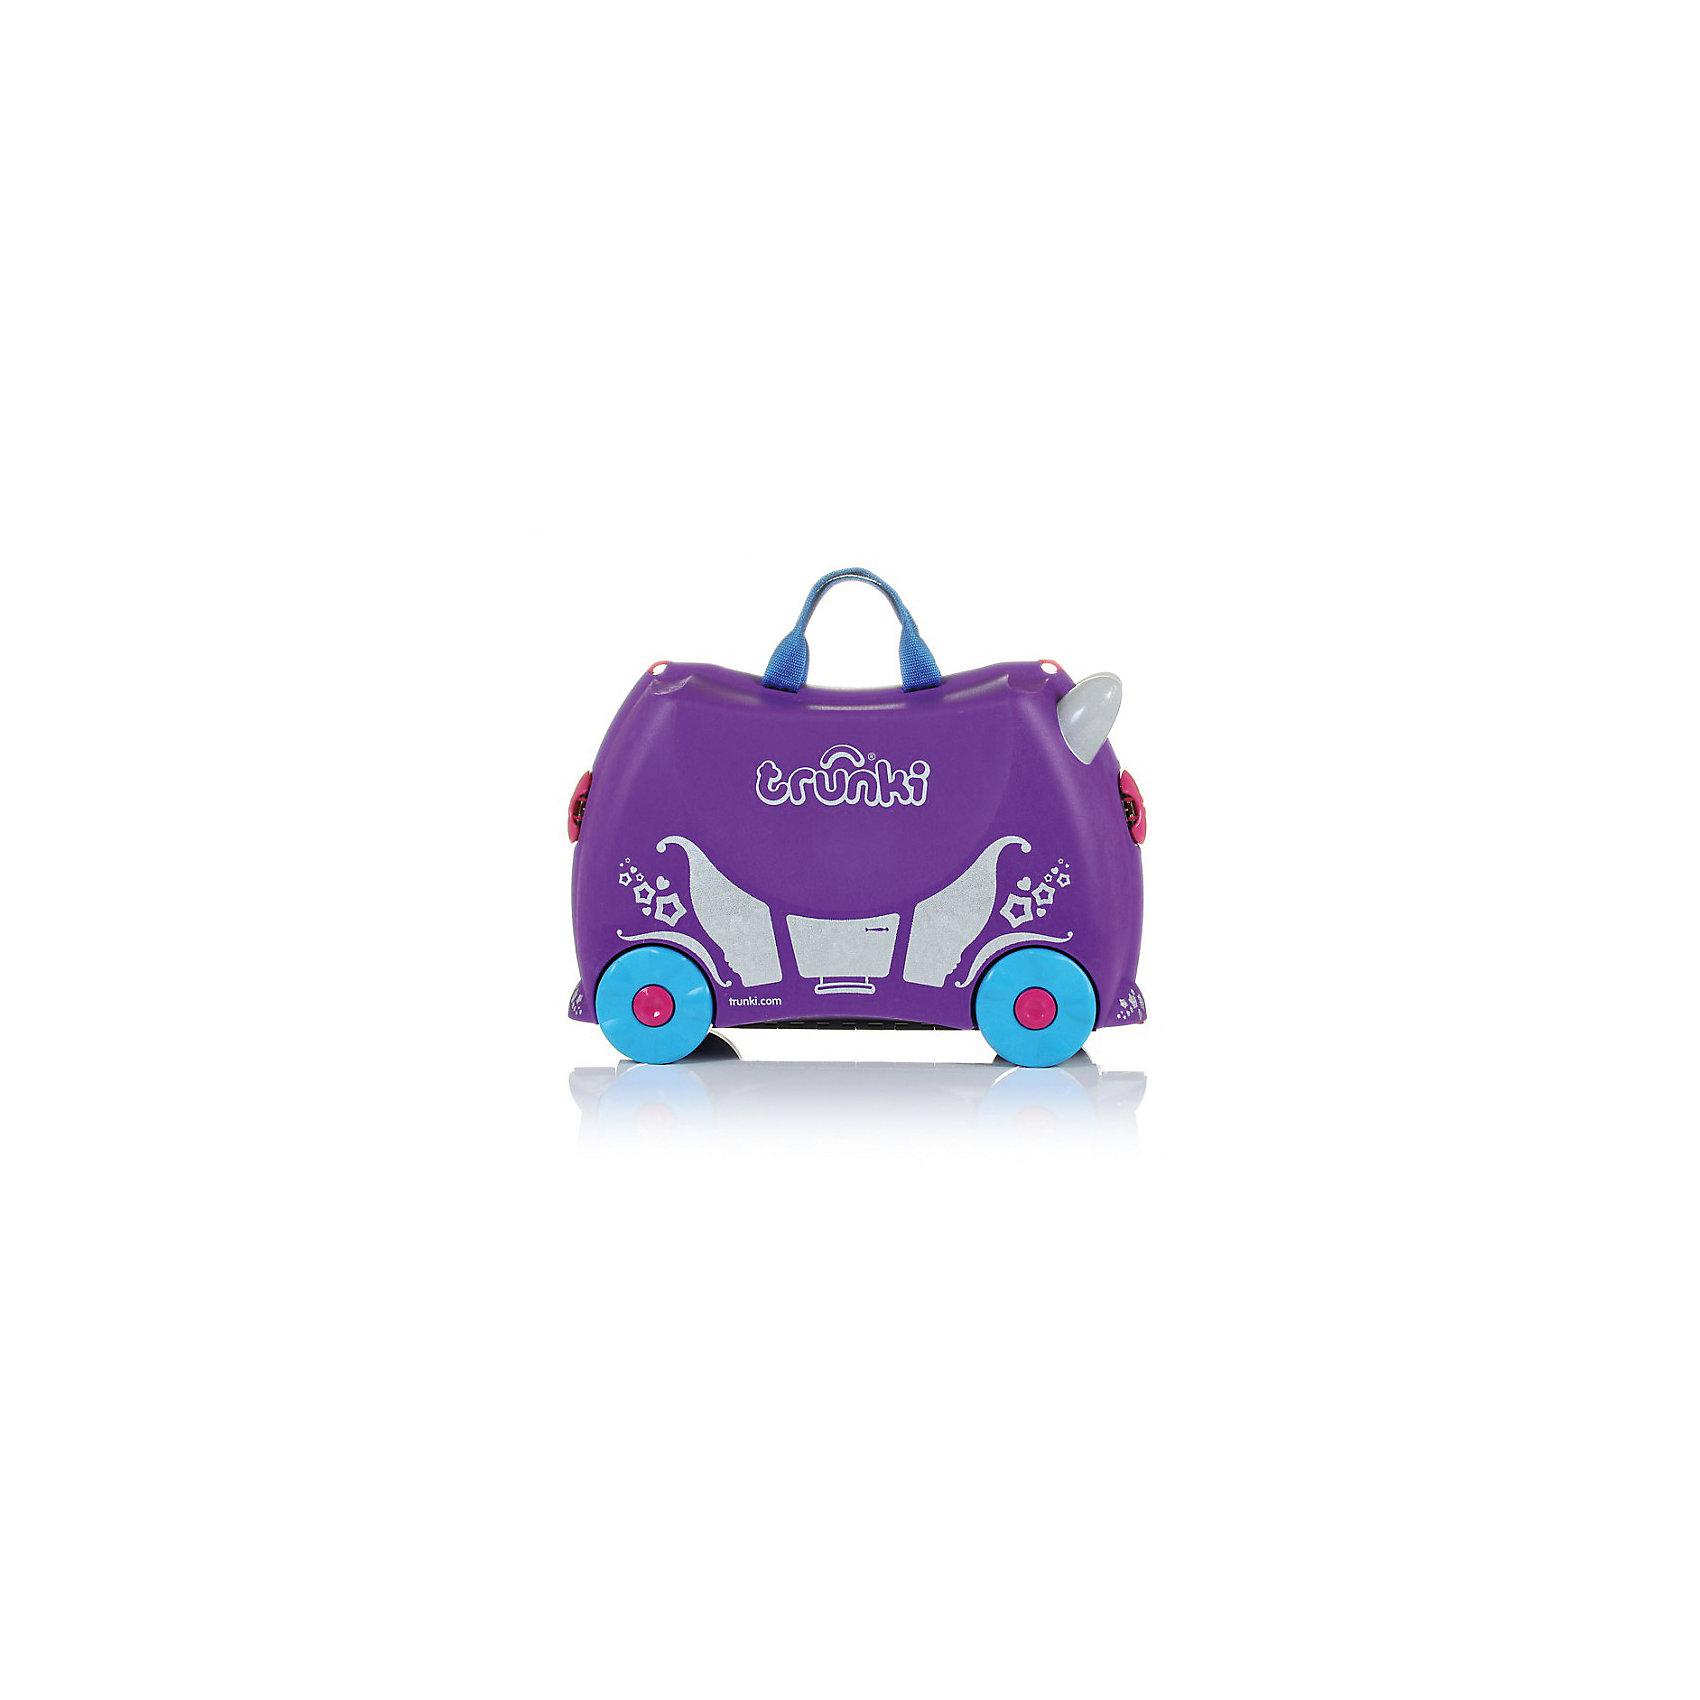 Фиолетовый чемодан на колесиках Принцесса ПенелопаЧемодан на колесиках Penelope Princess Carriage - стильный детский чемодан для путешествующих принцесс. В удобный чемодан поместится довольно много нарядов, игрушек и прочих ценностей. Кроме того, чемодан можно использовать, как оригинальное средство передвижения и необычное сиденье. Невероятно модный и стильный дорожный аксессуар без сомнения понравится любой девочке. <br><br>Дополнительная информация:<br><br>- Материал: пластик, металл.<br>- Колеса: 4 шт.<br>- Размер: 31х21х46 см. <br>- Вместительность: 18 литров. <br>- Вес: 1,7 кг.<br>- Количество отделений: 2.<br>- Цвет: фиолетовый.<br>- Максимальный вес: 45 кг. <br><br>Фиолетовый чемодан на колесиках Принцесса Пенелопа от trunki (Транки) можно купить в нашем магазине.<br><br>Ширина мм: 47<br>Глубина мм: 23<br>Высота мм: 33<br>Вес г: 1677<br>Возраст от месяцев: 36<br>Возраст до месяцев: 72<br>Пол: Женский<br>Возраст: Детский<br>SKU: 2220670